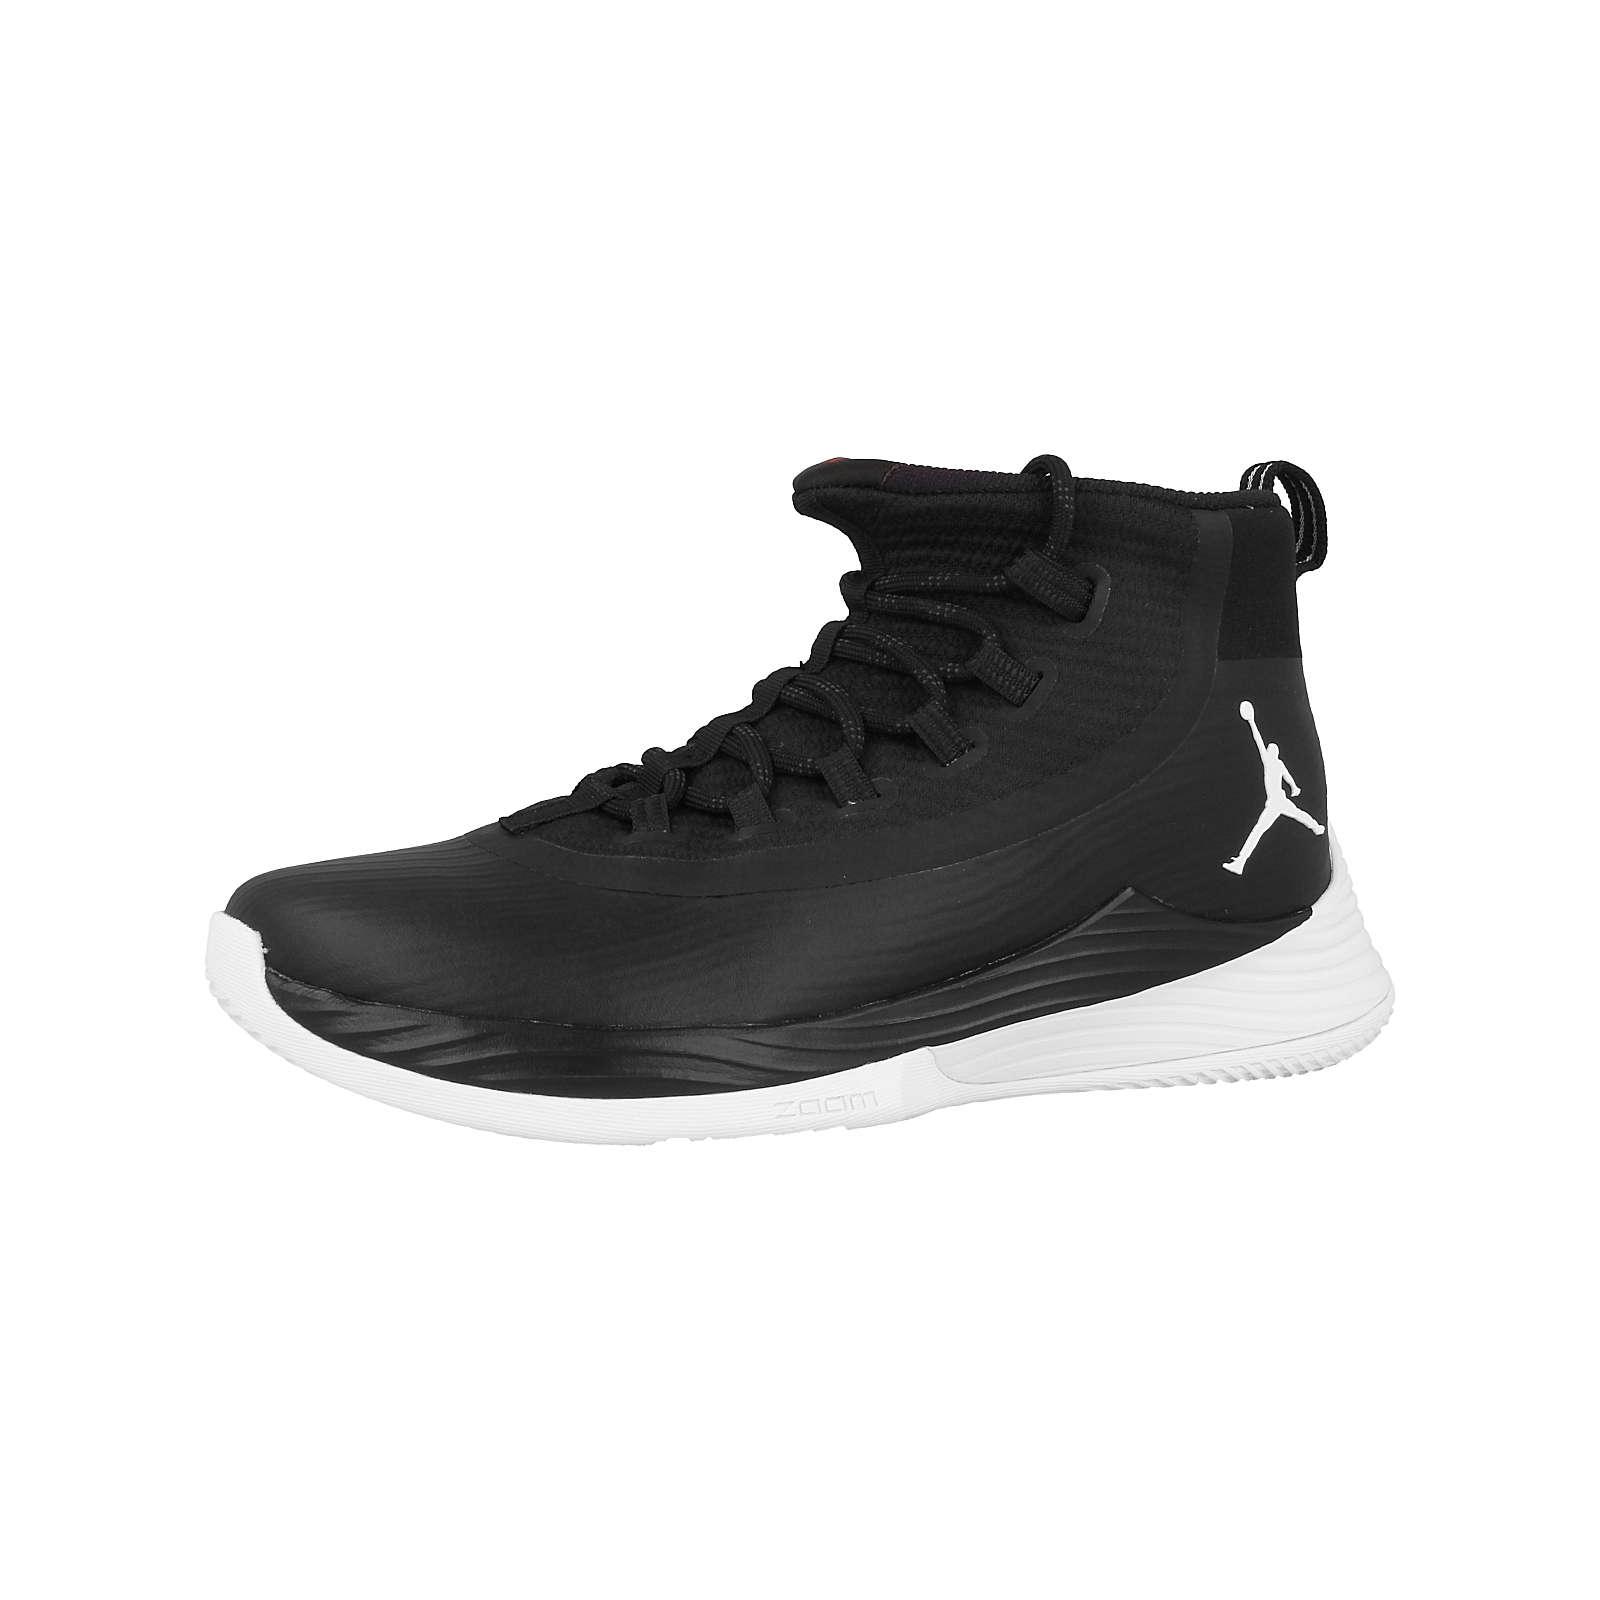 Nike Sportswear Schuhe Jordan Ultra.Fly 2 Sneakers High schwarz Herren Gr. 42